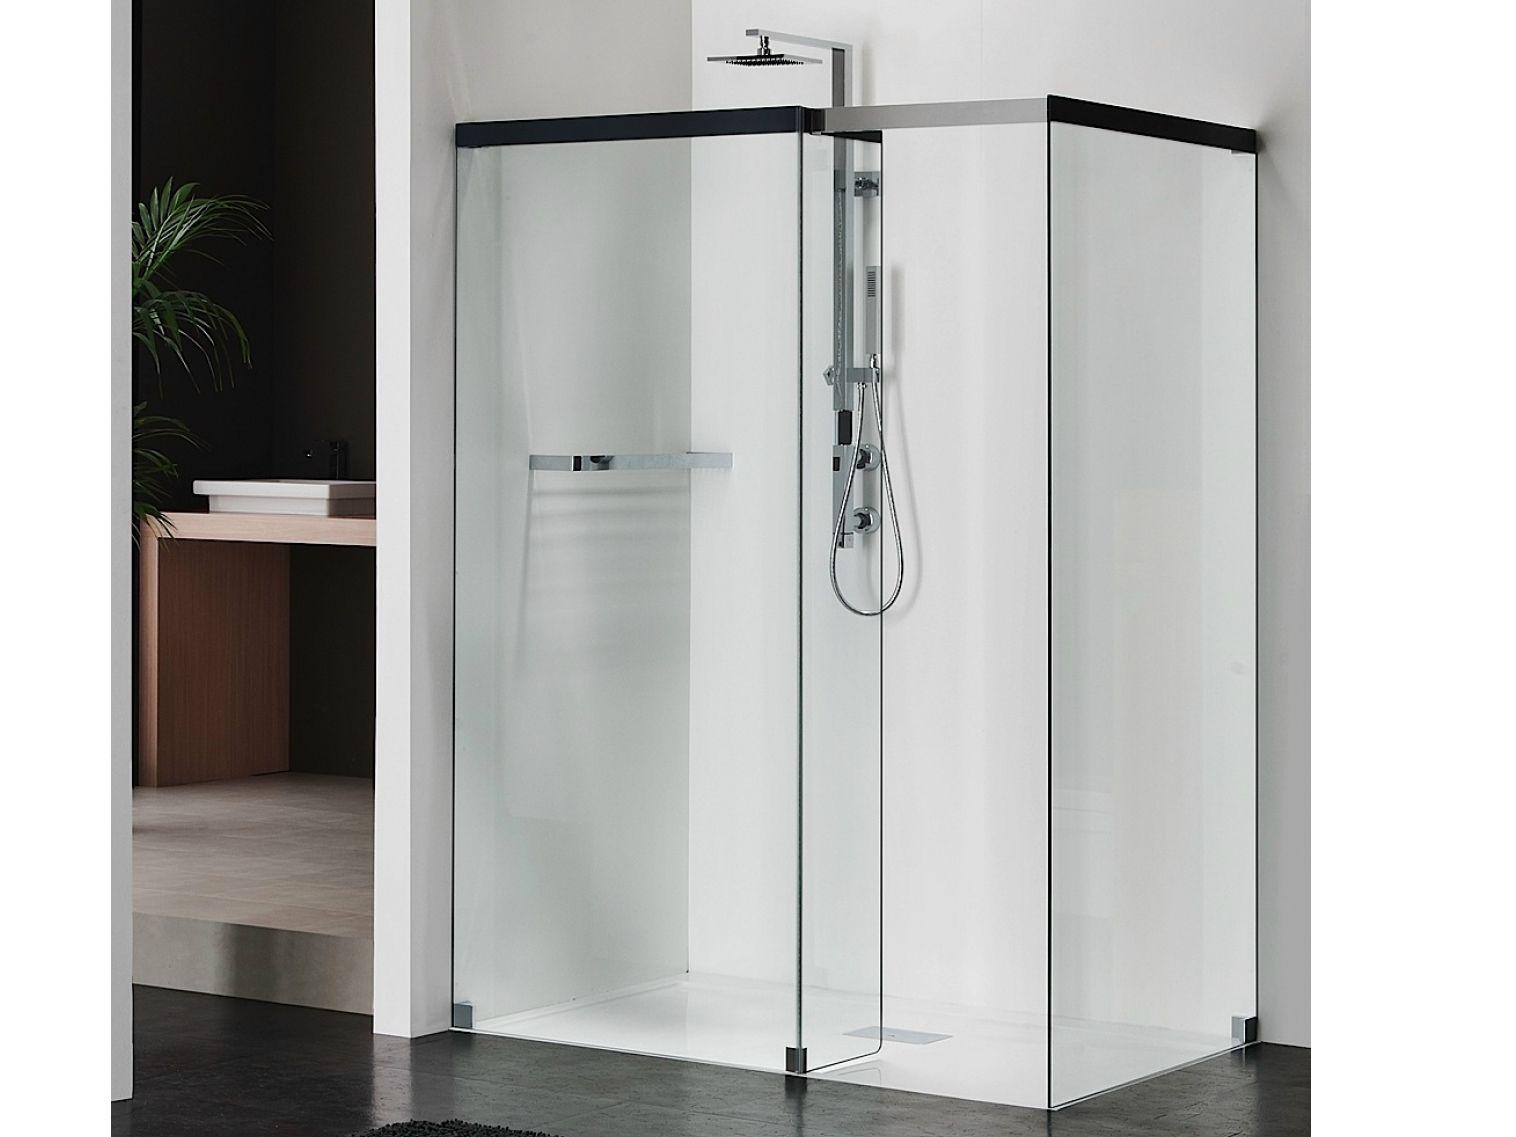 Box doccia rettangolare in cristallo libero 5000 by duka for Doccia rettangolare